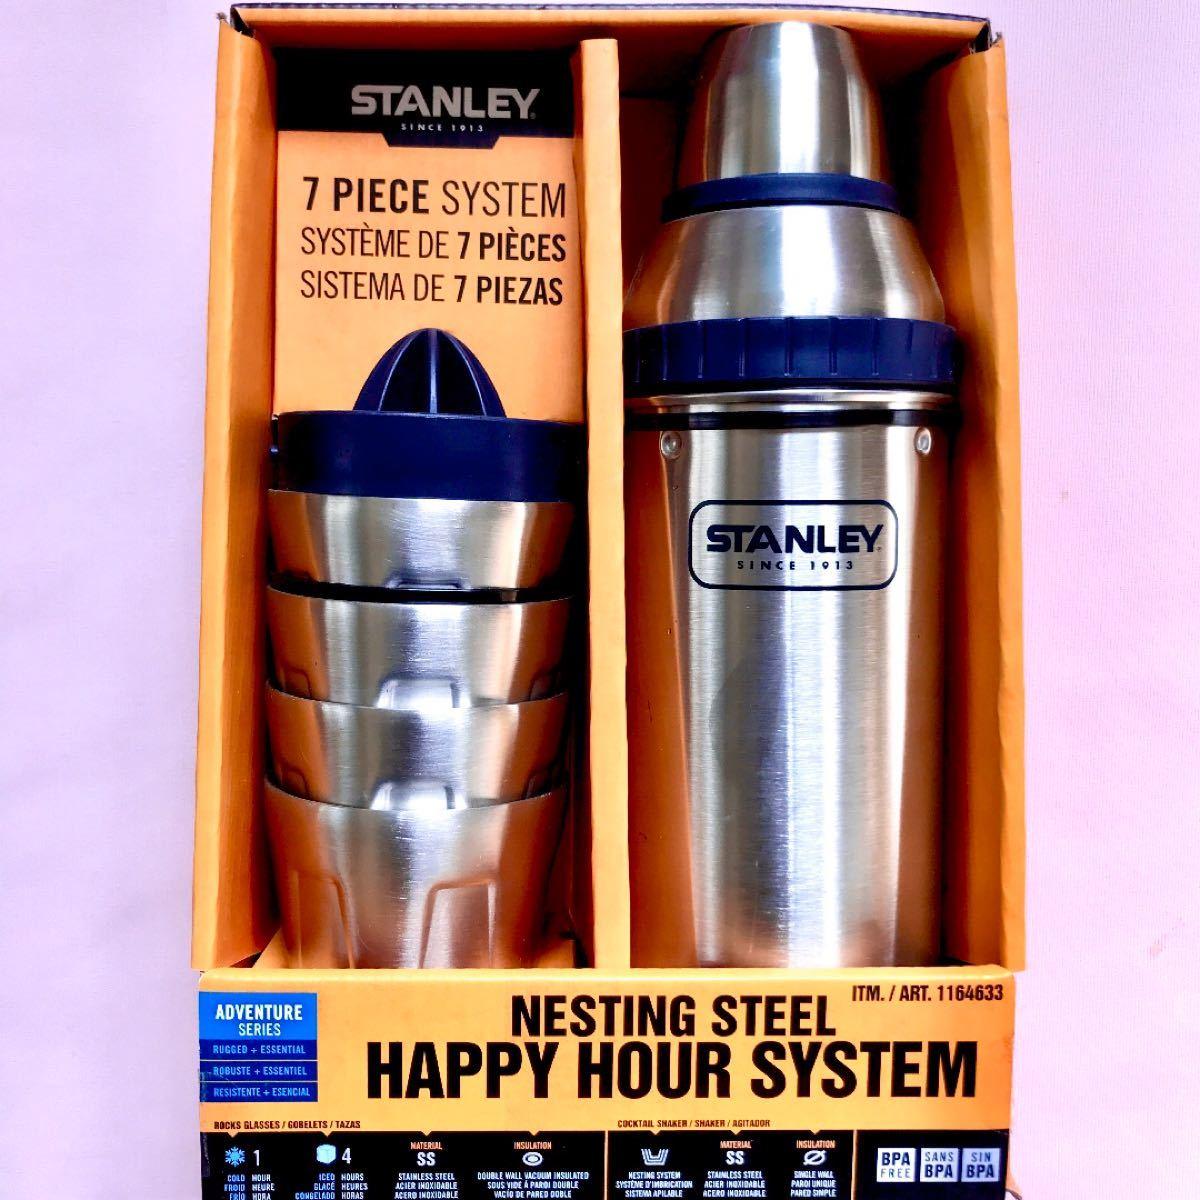 【アウトドアに最適】STANLEY スタンレー ハッピーアワーシステム